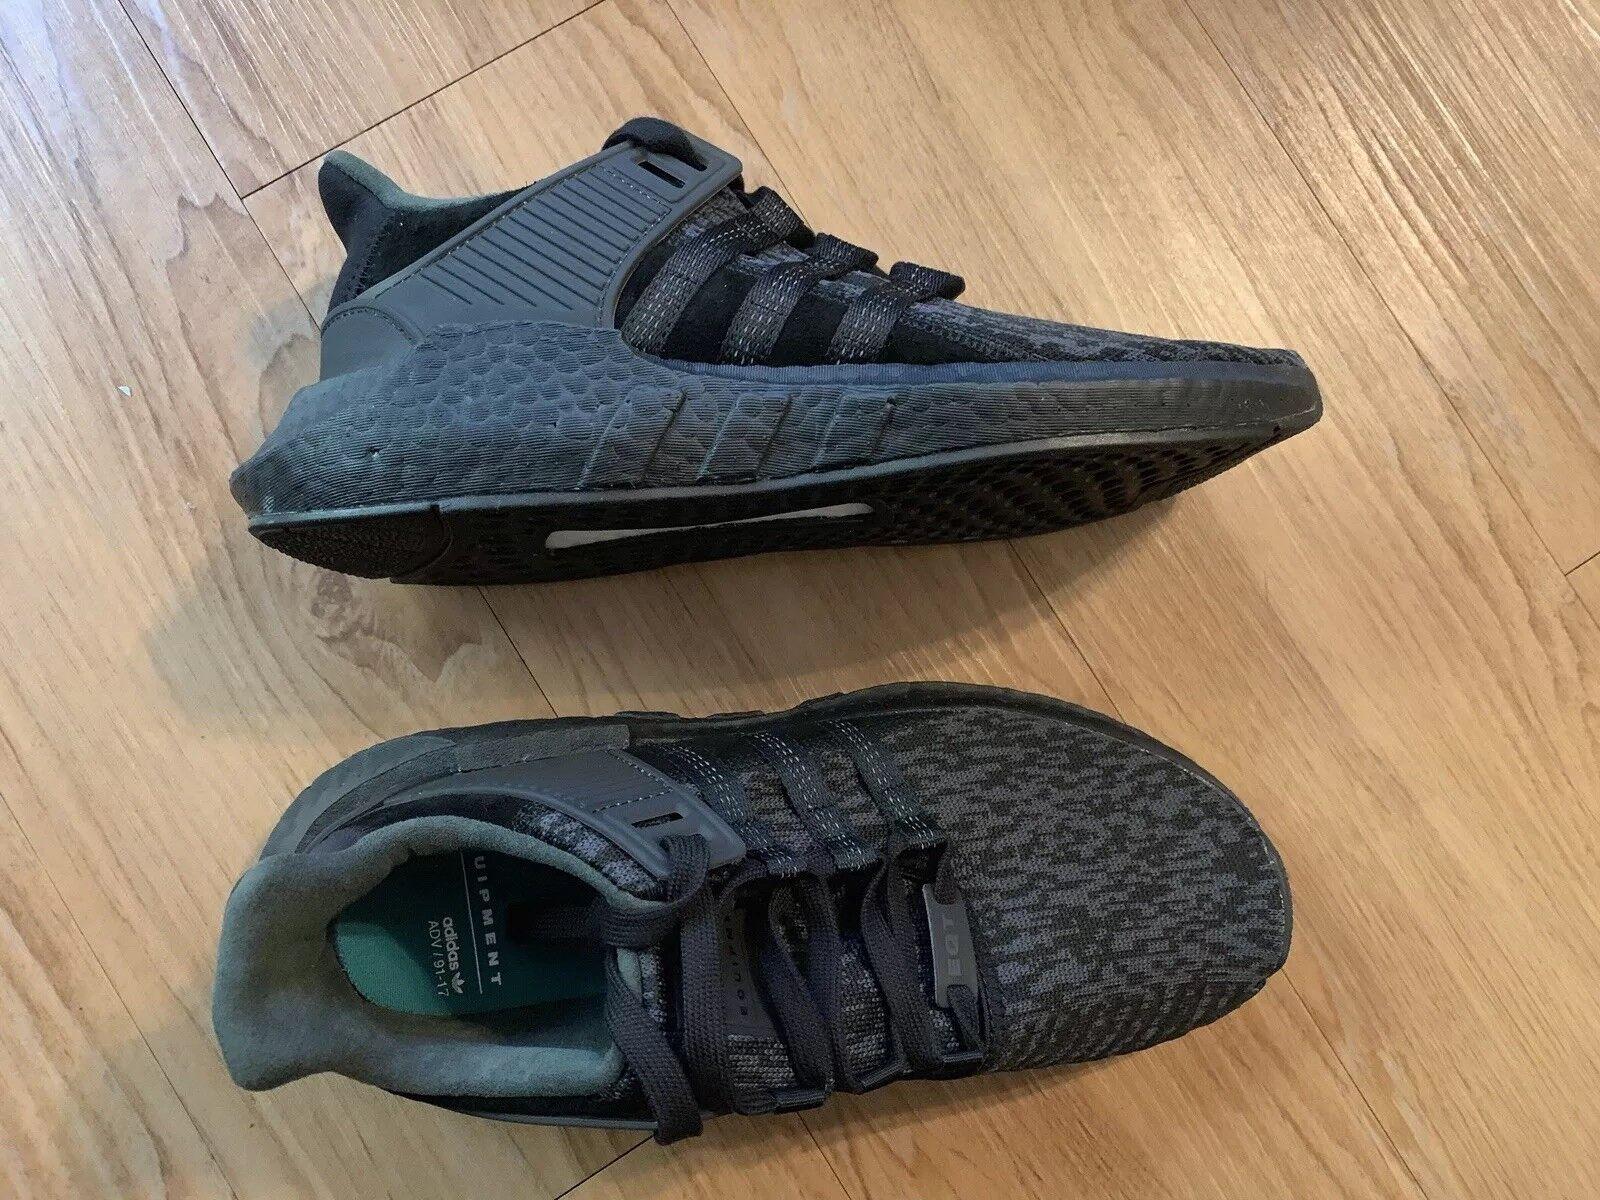 Adidas originals eqt unterstützung - 93 / 17 auftrieb - unterstützung schwarz by9512 größe 9. 15d50c